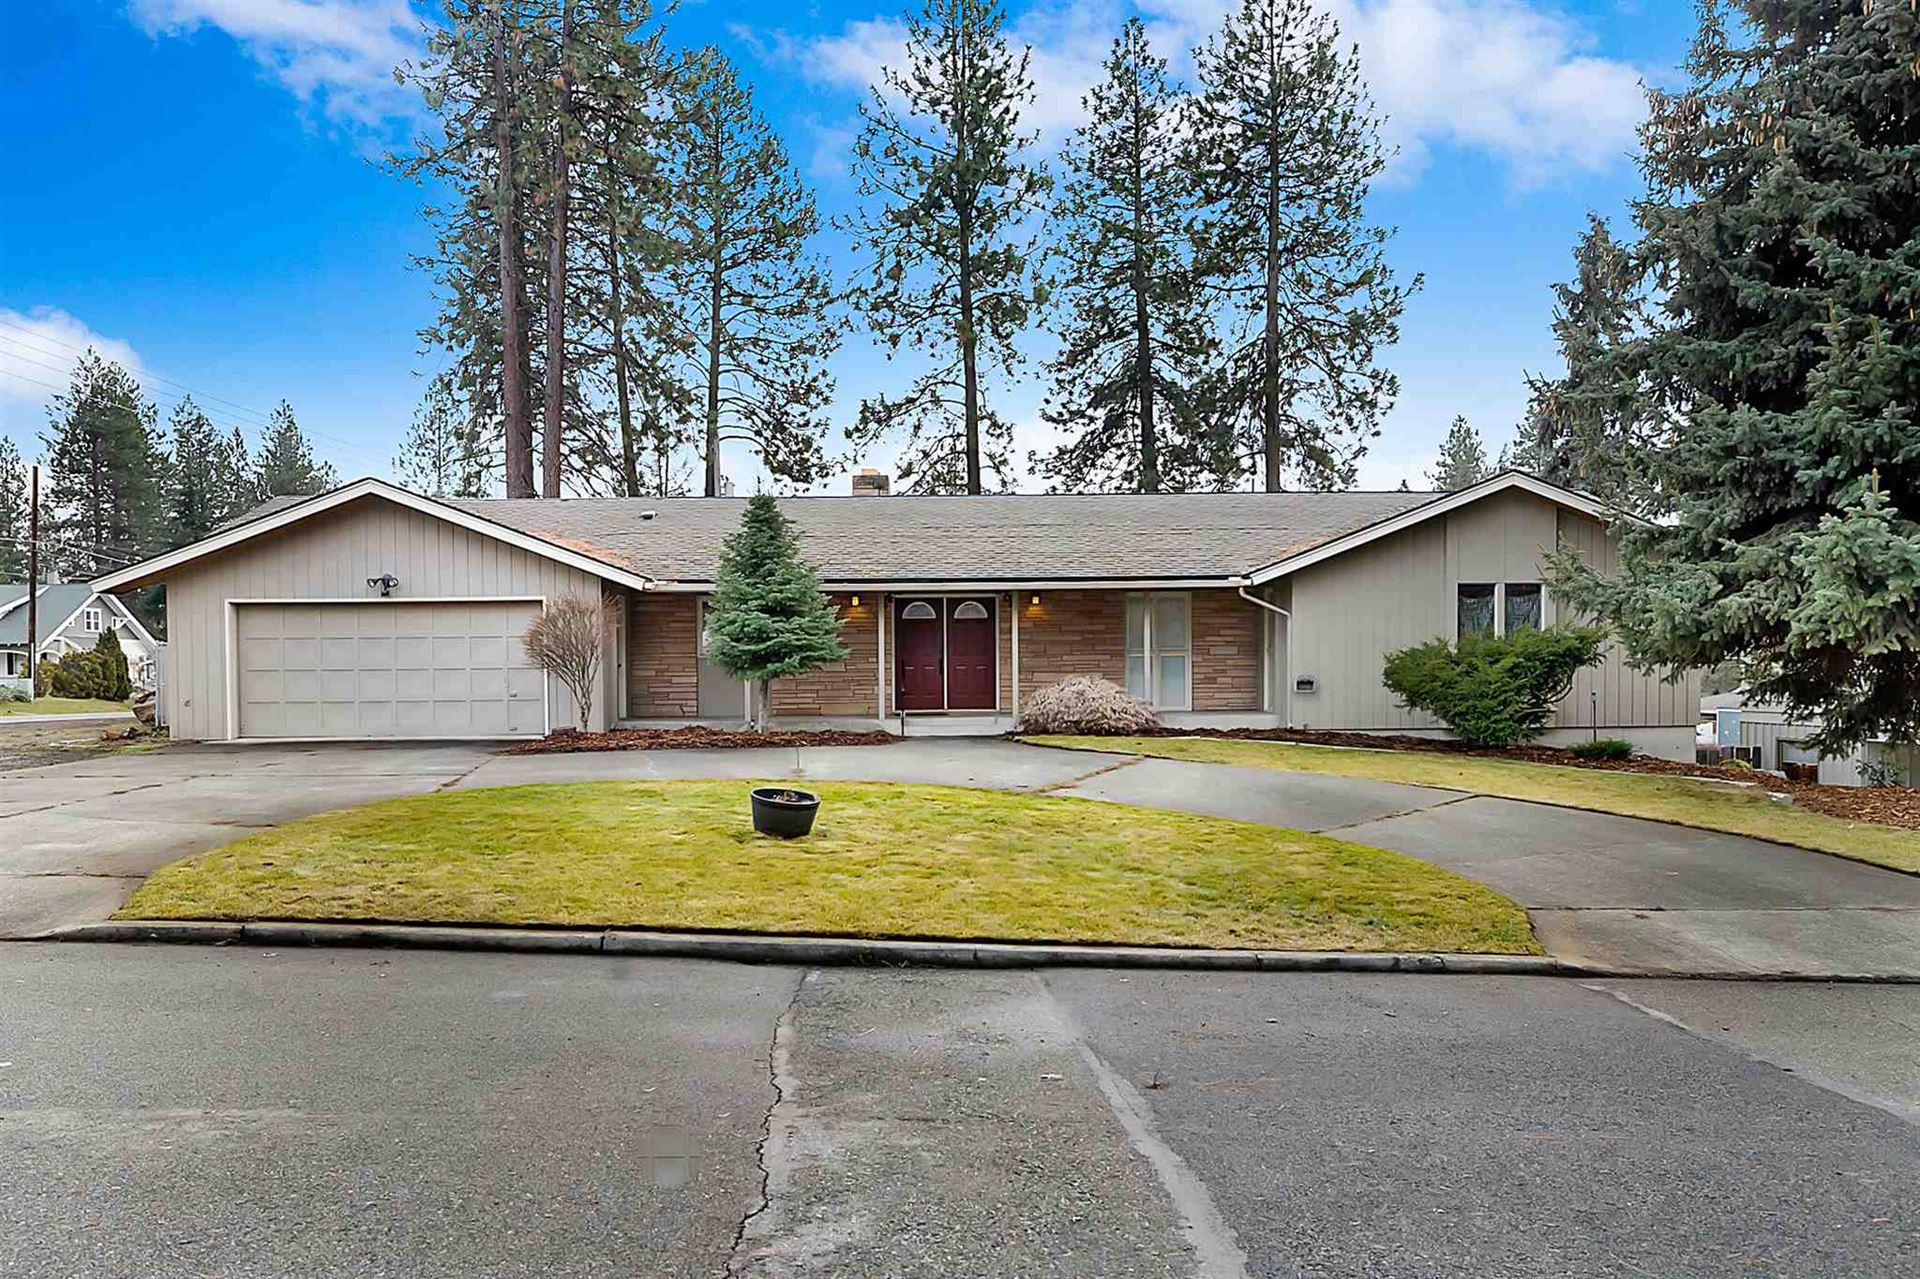 11420 E 18th Ave, Spokane, WA 99206 - #: 202025783